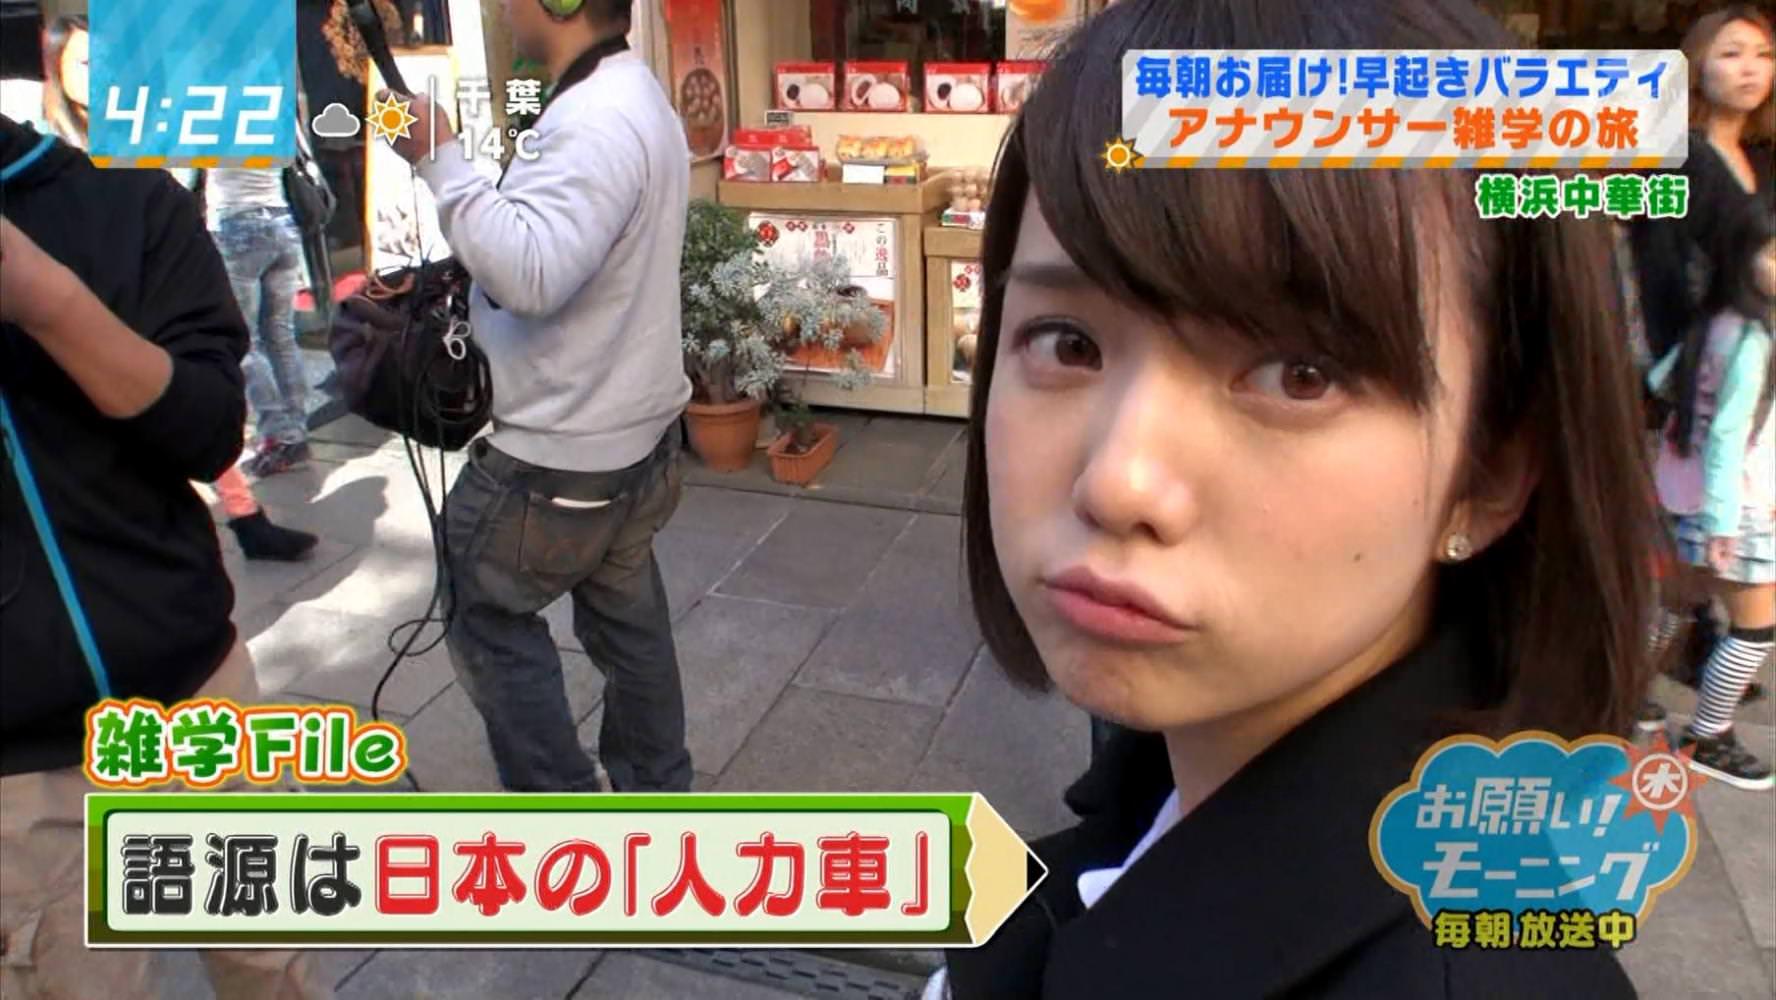 【画像】弘中綾香アナがロケでブチギレた時の画像www